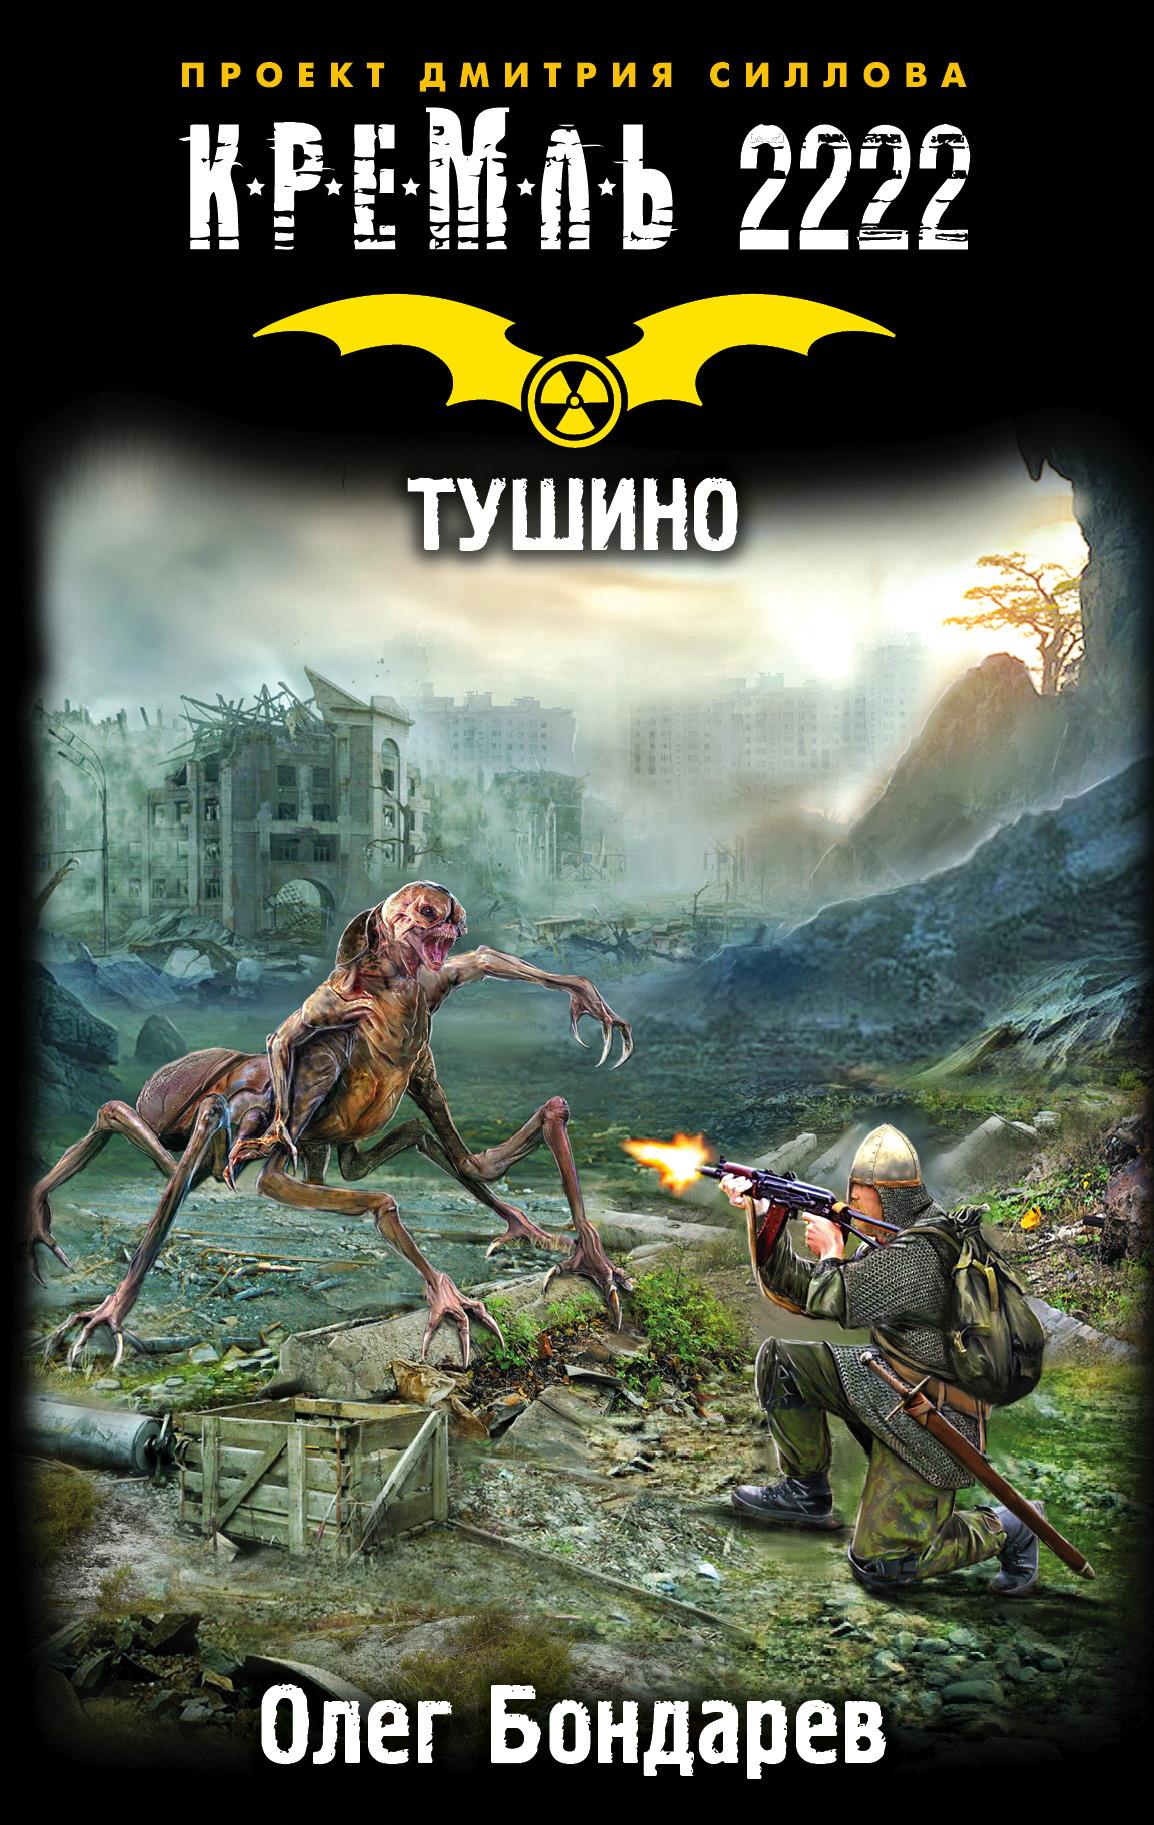 kreml 2222 tushino